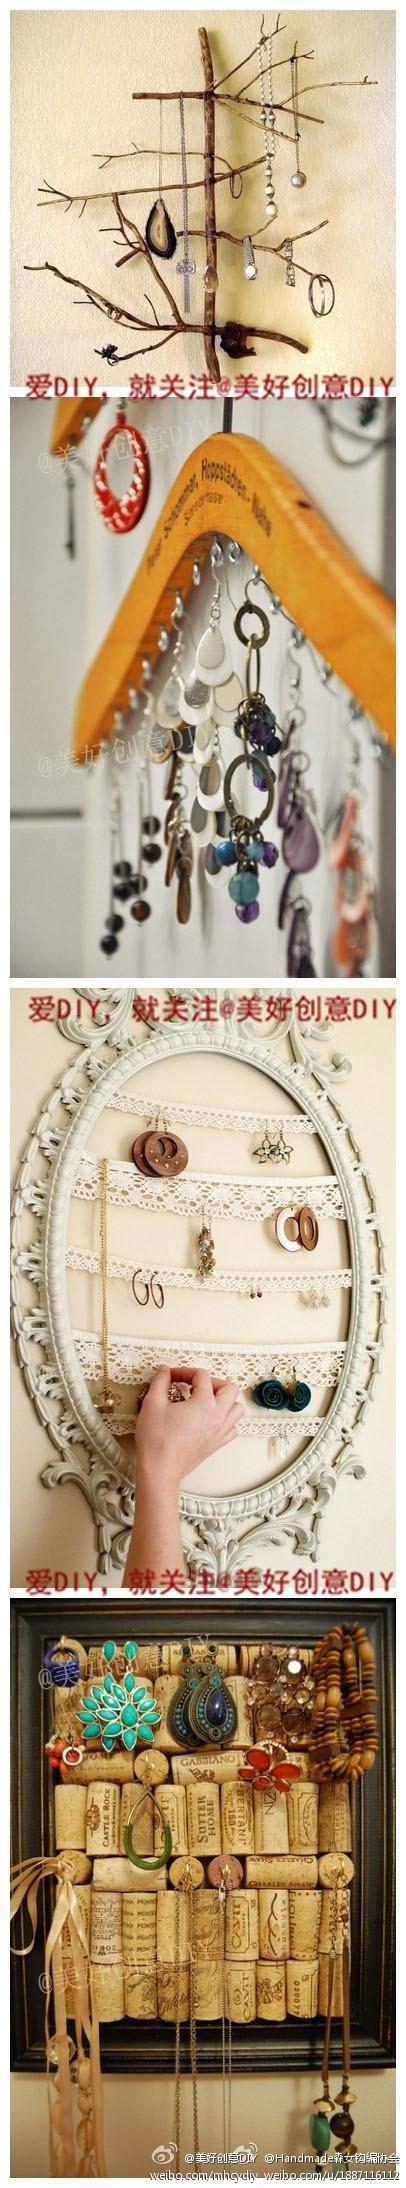 Jewelry Organizing Ideas